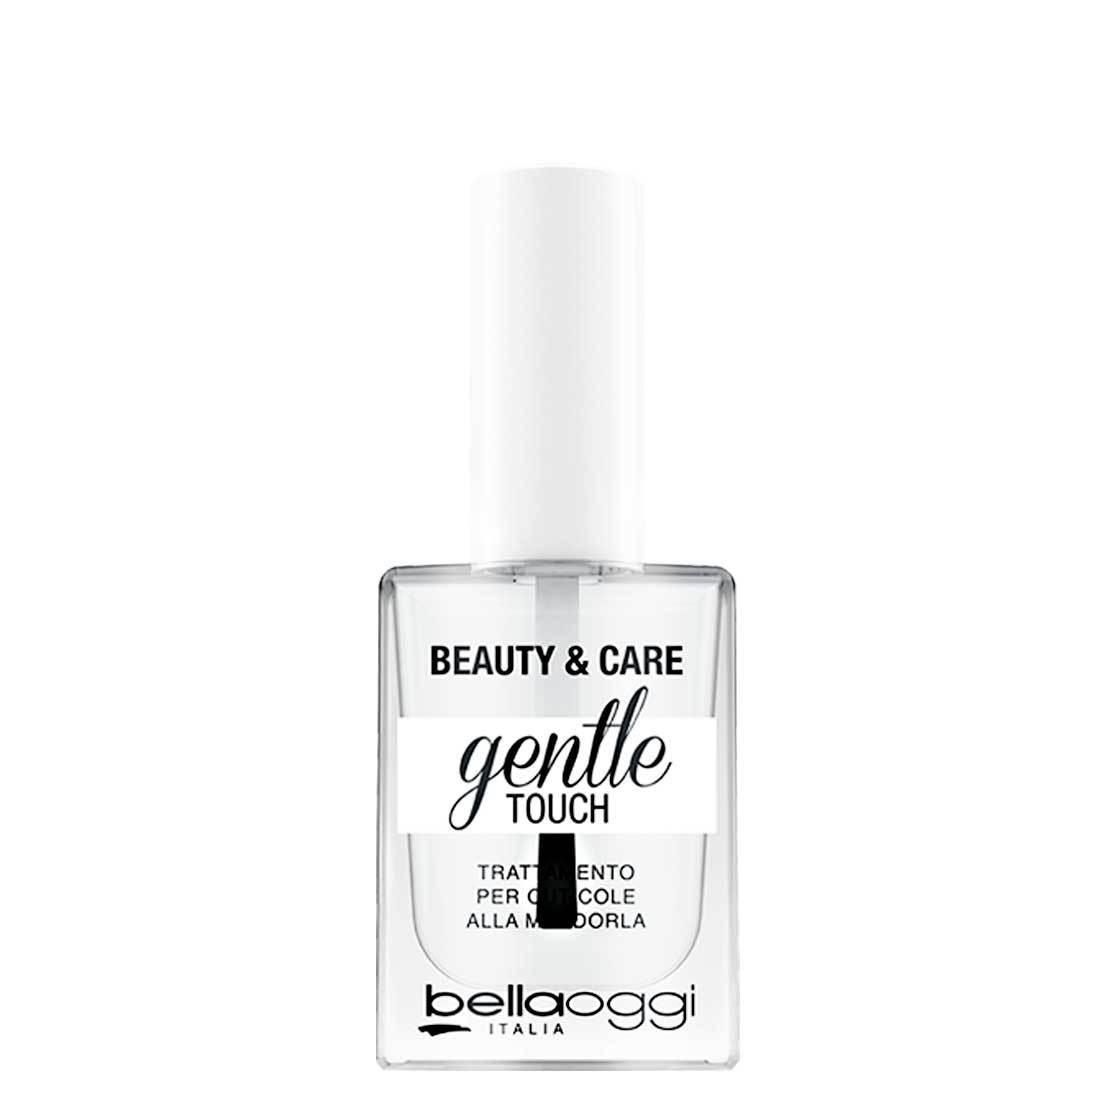 Gentle Touch -Trattamento cuticole- Bellaoggi